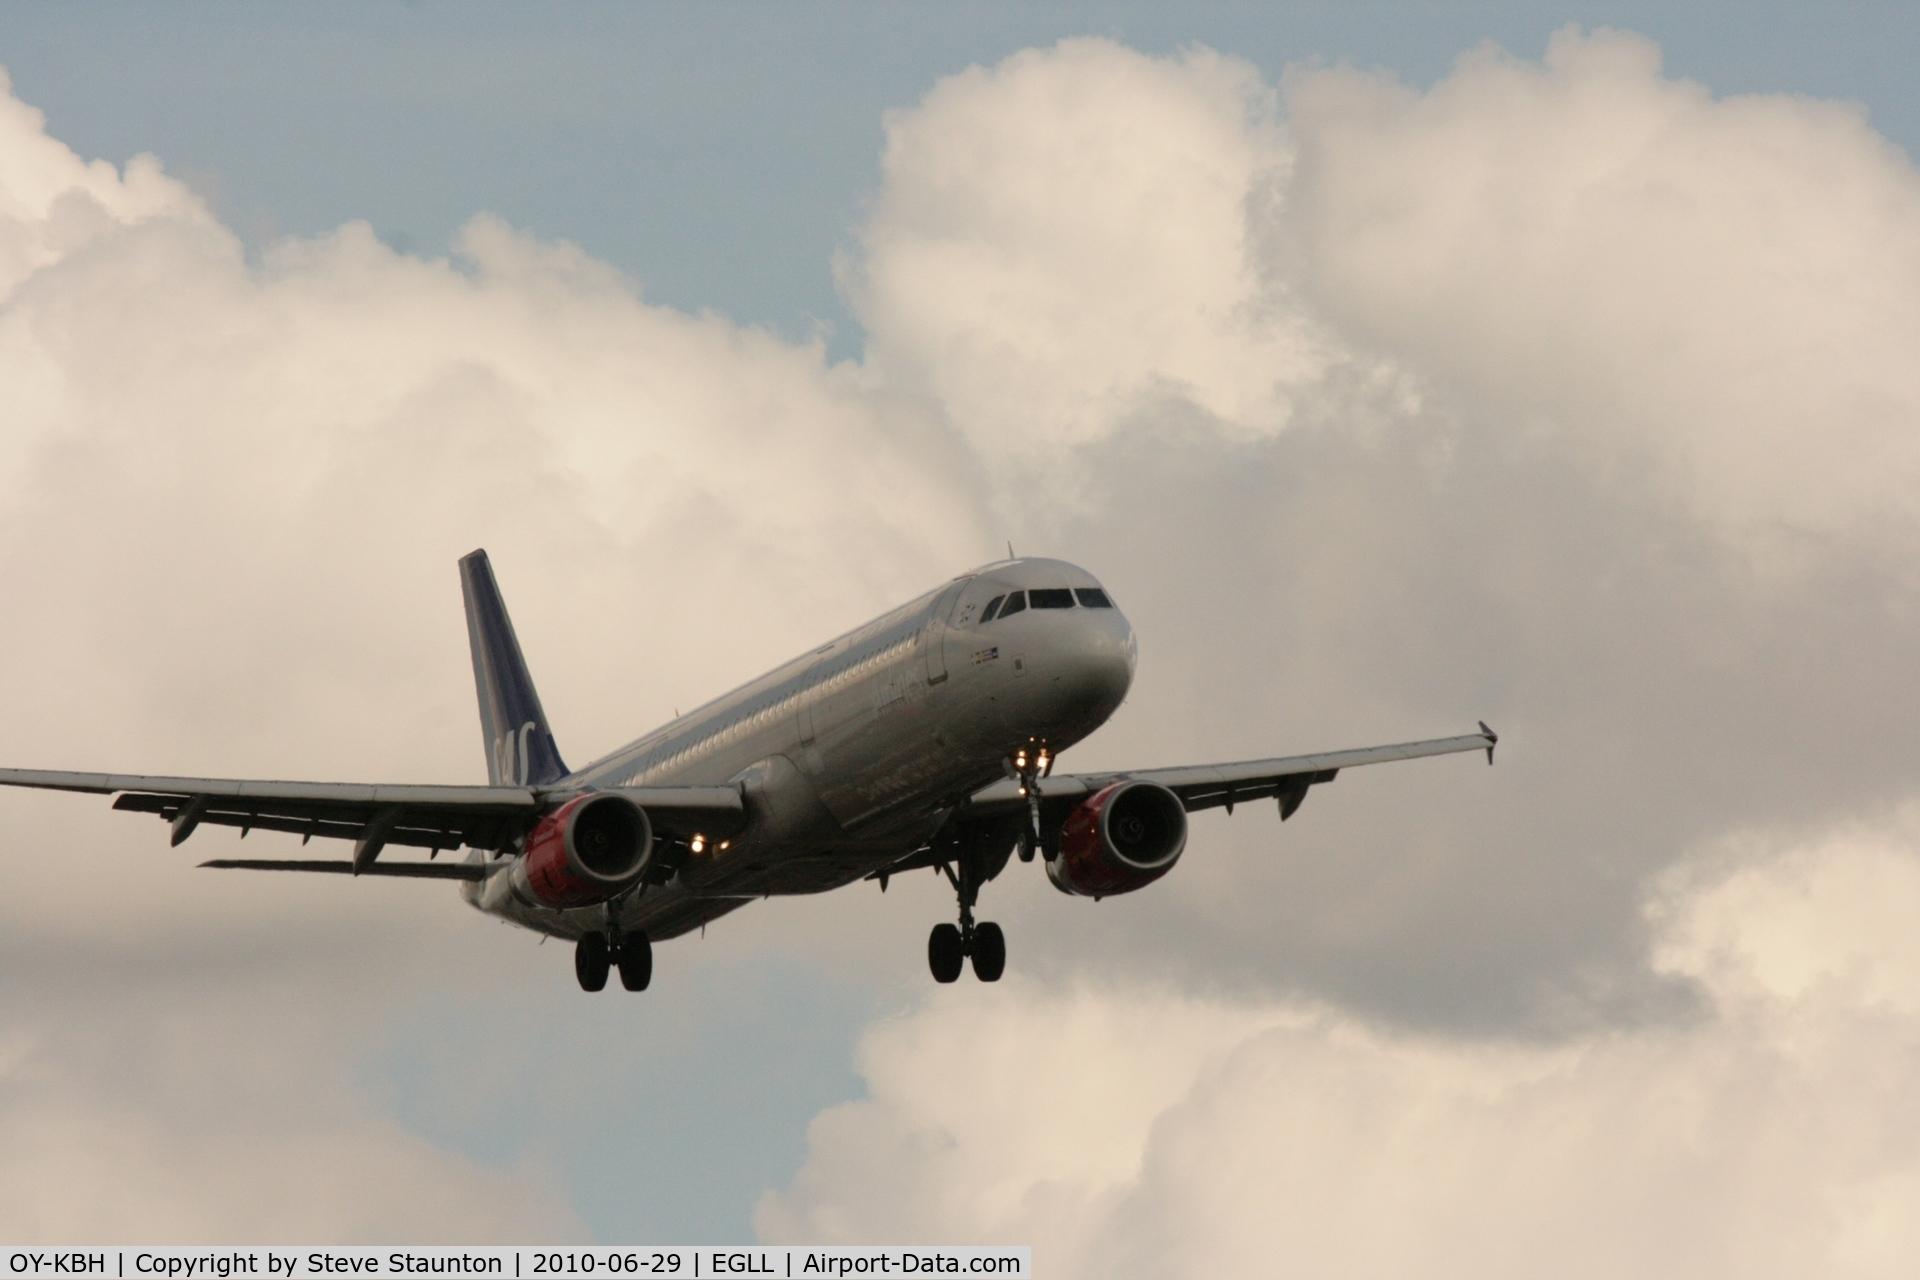 OY-KBH, 2002 Airbus A321-232 C/N 1675, Taken at Heathrow Airport, June 2010